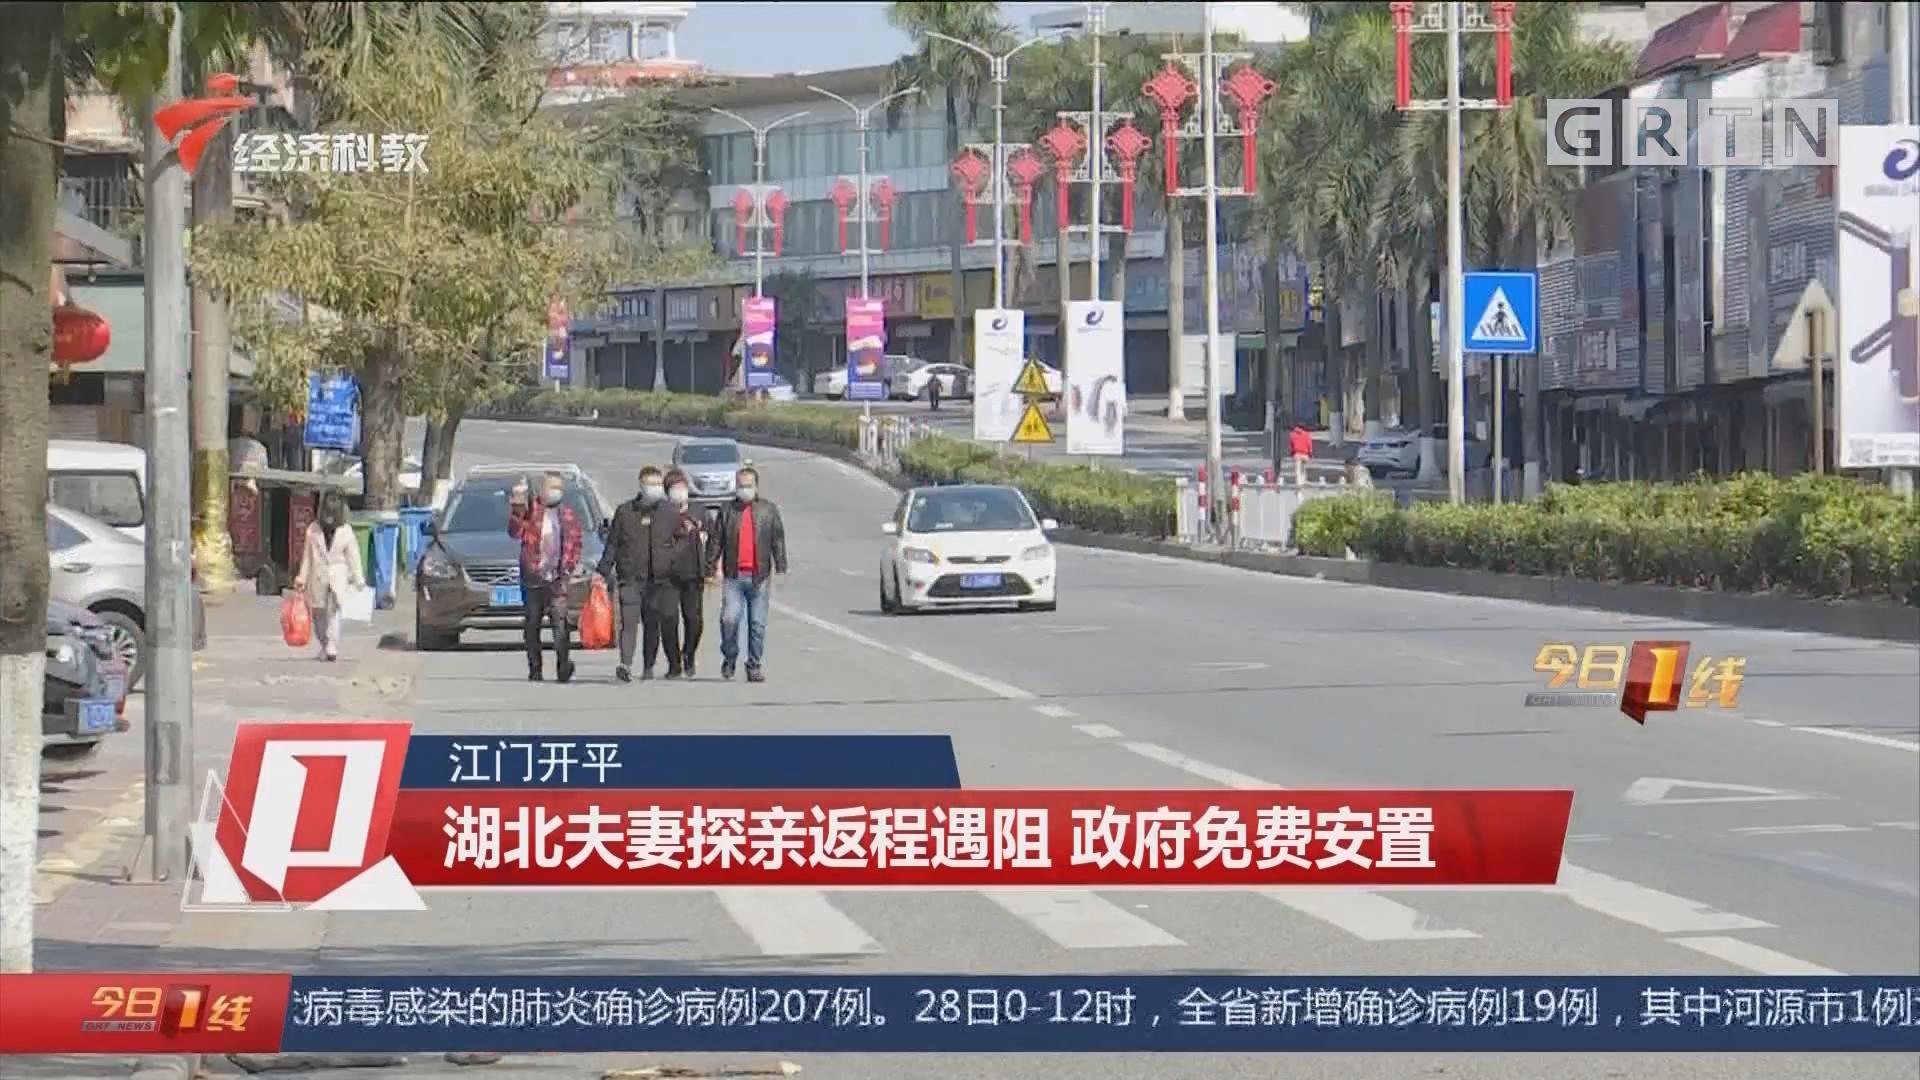 江门开平:湖北夫妻探亲返程遇阻 政府免费安置